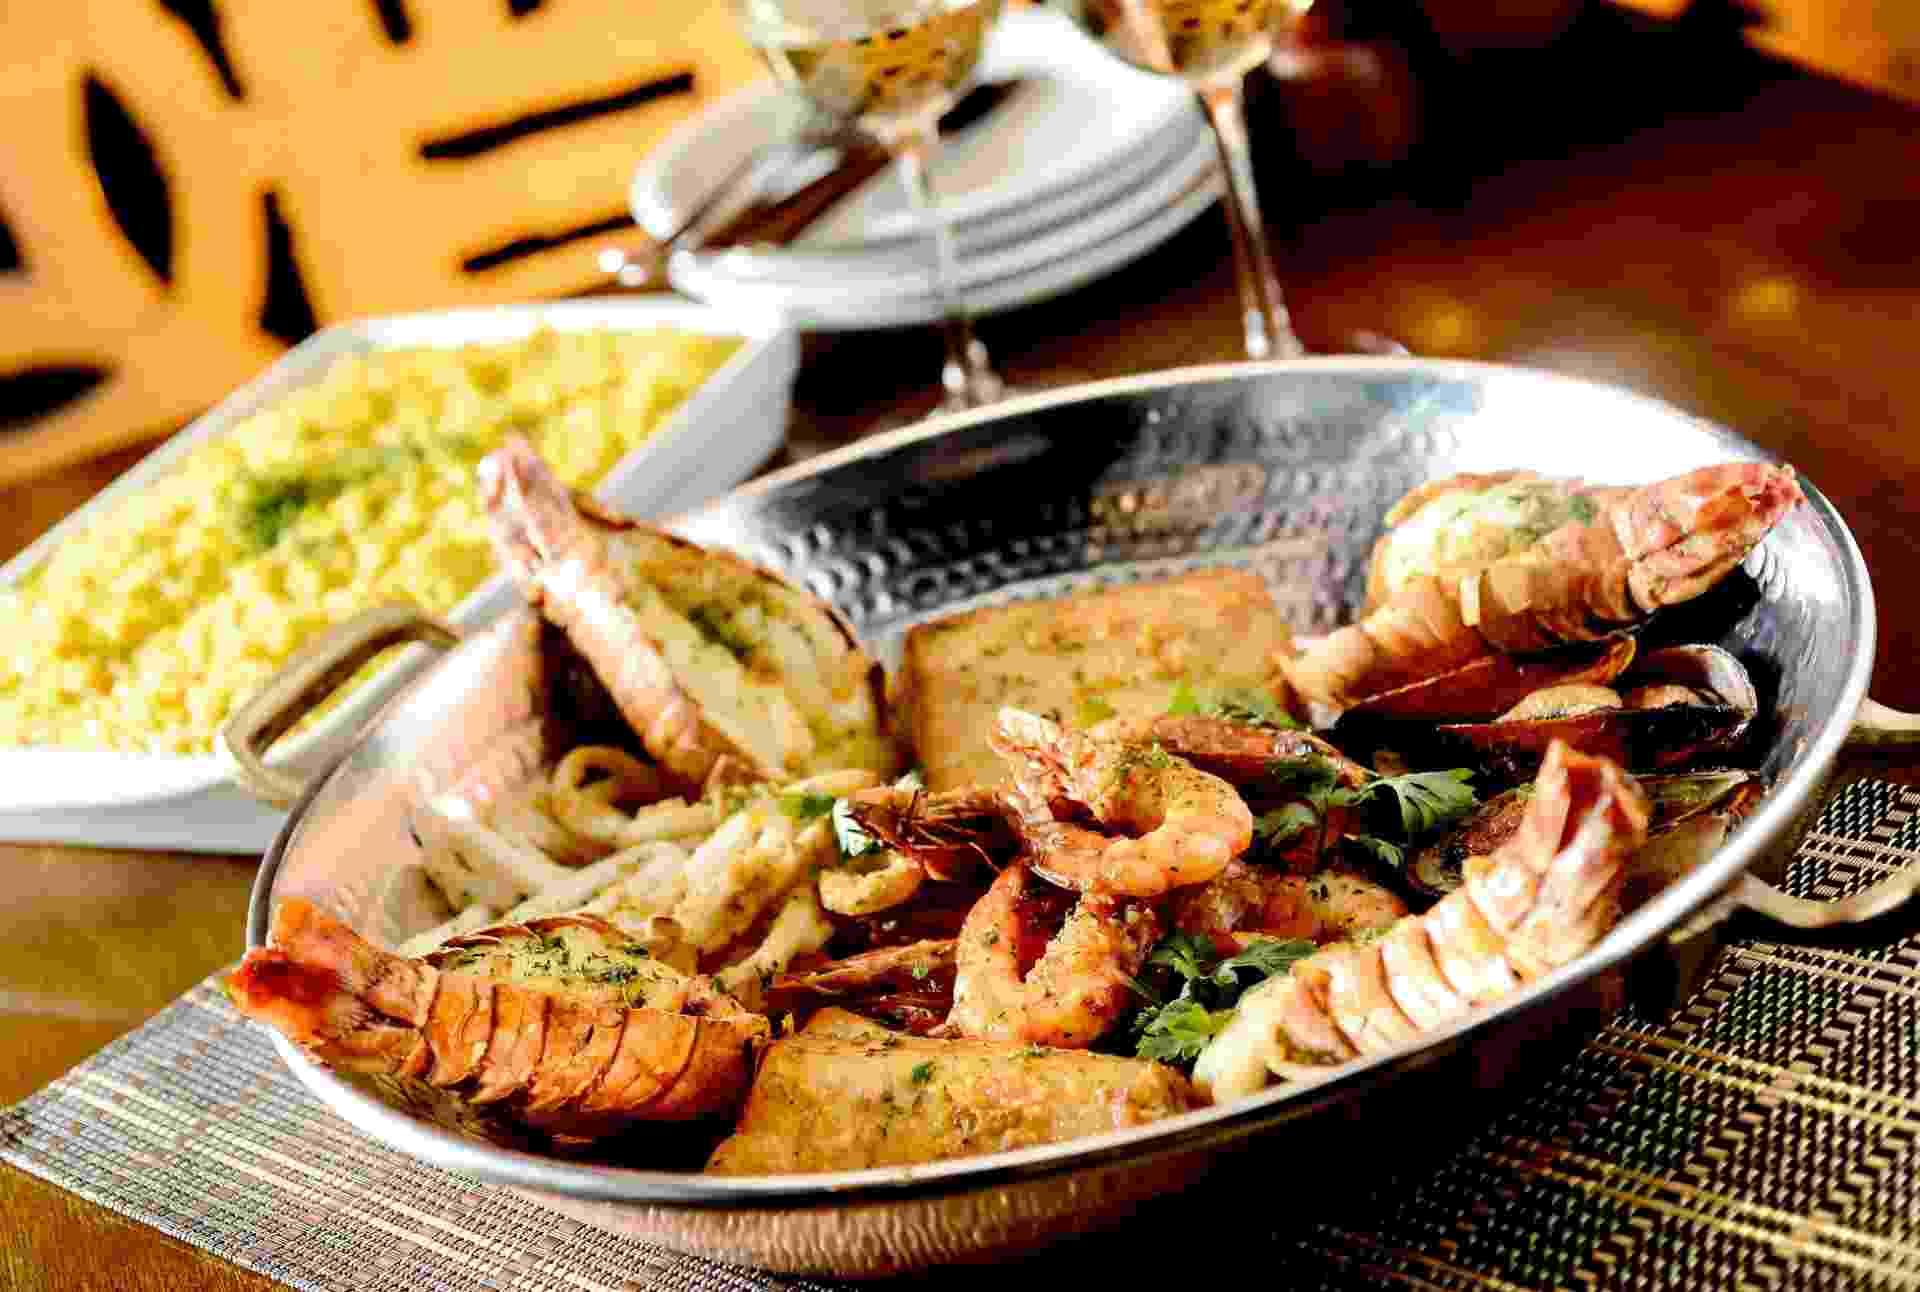 Rede de Pescador do restaurante Coco Bambu tem lagosta, camarão, mexilhões, peixe e lula grelhados com molho provençal, acompanha arroz de açafrão - Divulgação